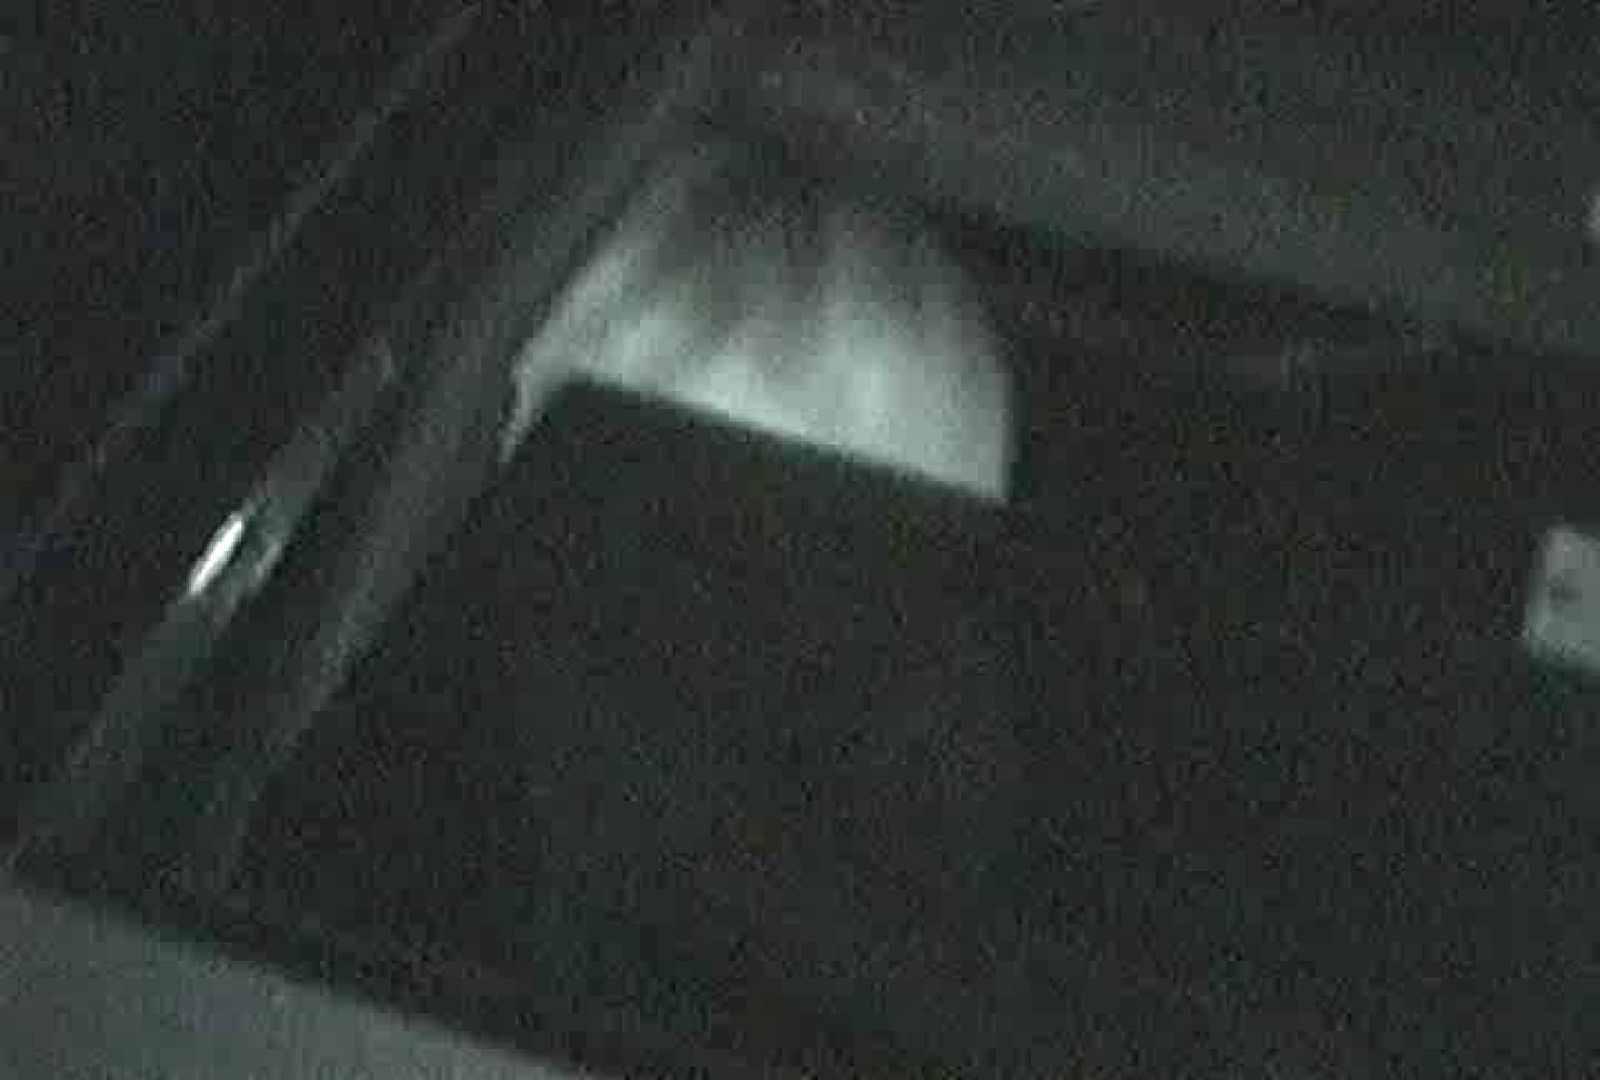 充血監督の深夜の運動会Vol.92 ギャルのエロ動画 AV無料動画キャプチャ 82画像 19